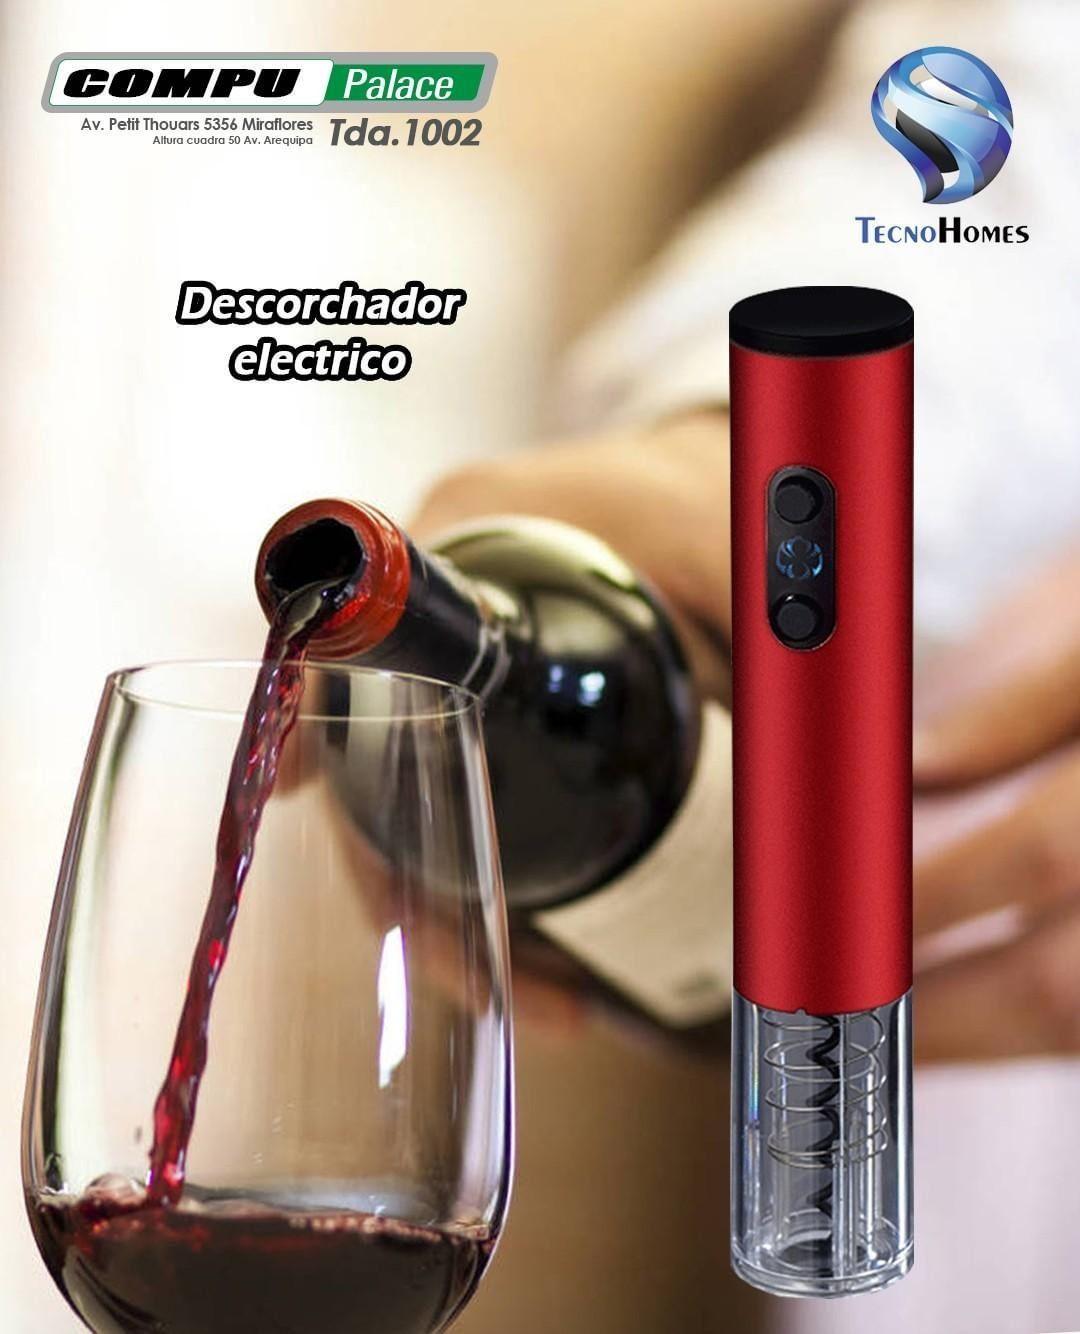 Compre En Nuestra Tienda En Miraflores O Al Whatsapp 987360140 Tecnohomes Compupalace Descorchador Abridorvino Wineop Alcoholic Drinks Red Wine Alcohol